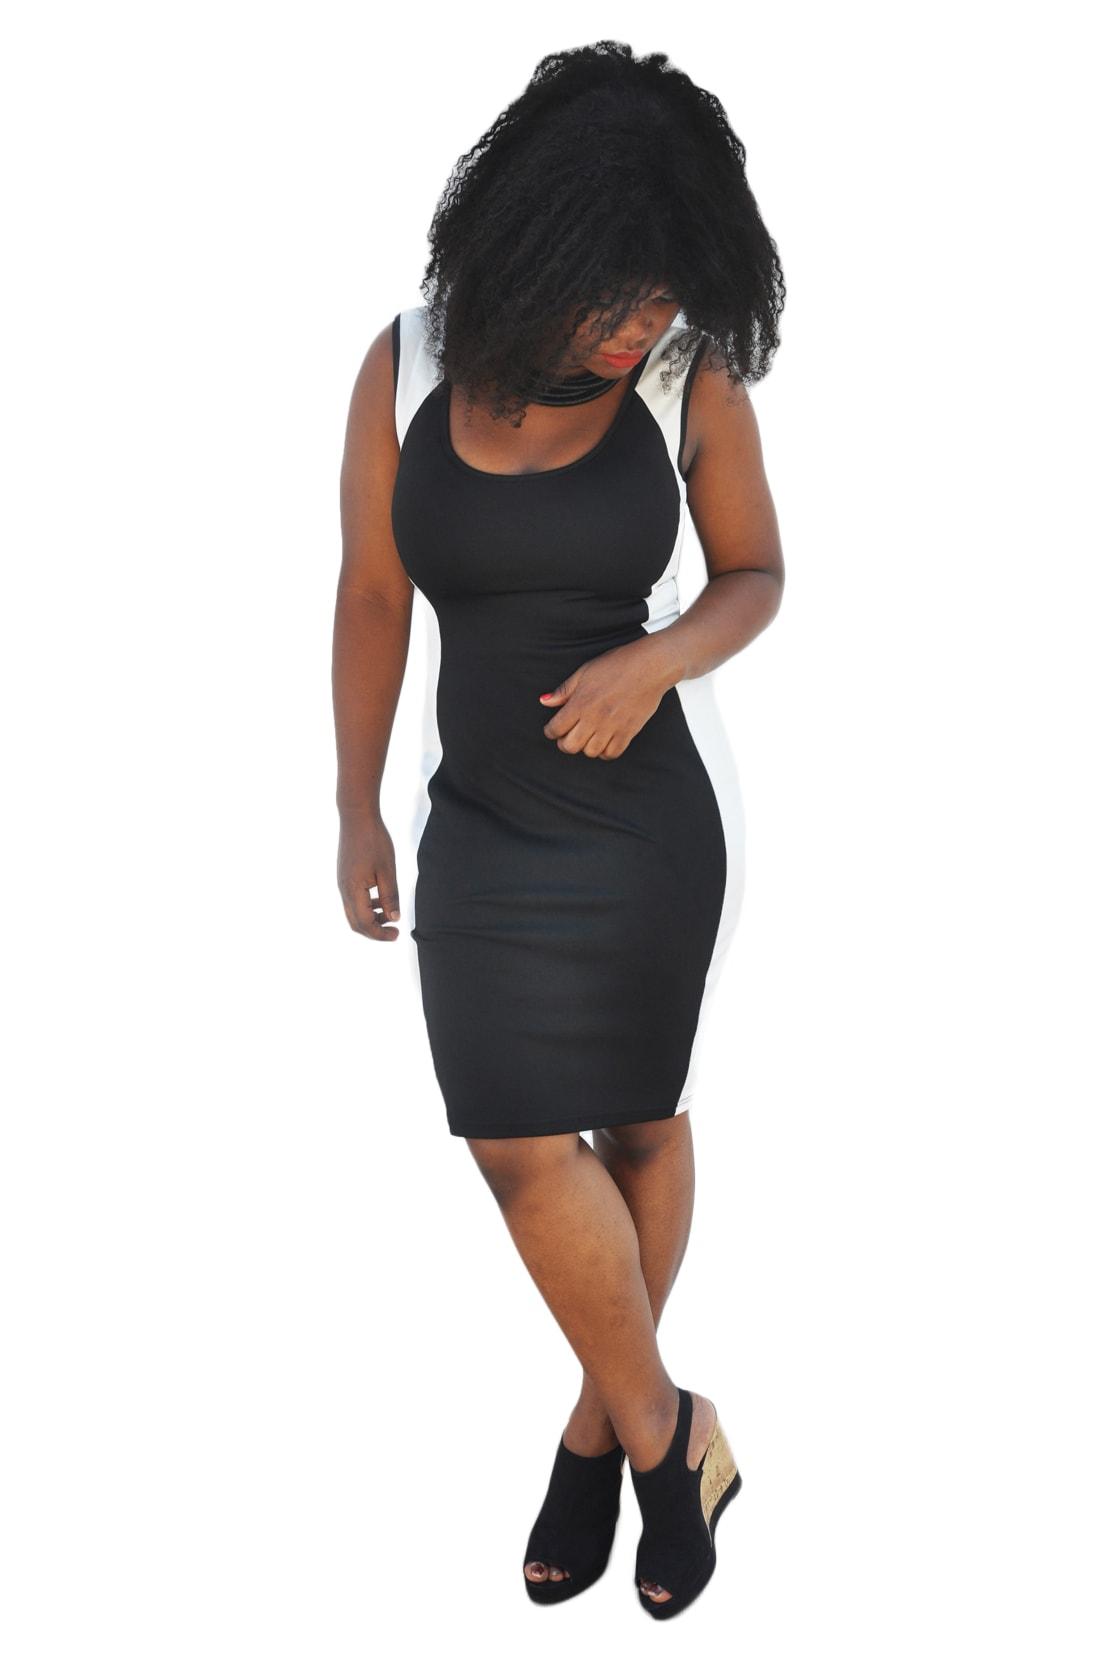 M0214 blackwhite1 Bodycon Dresses maureens.com boutique